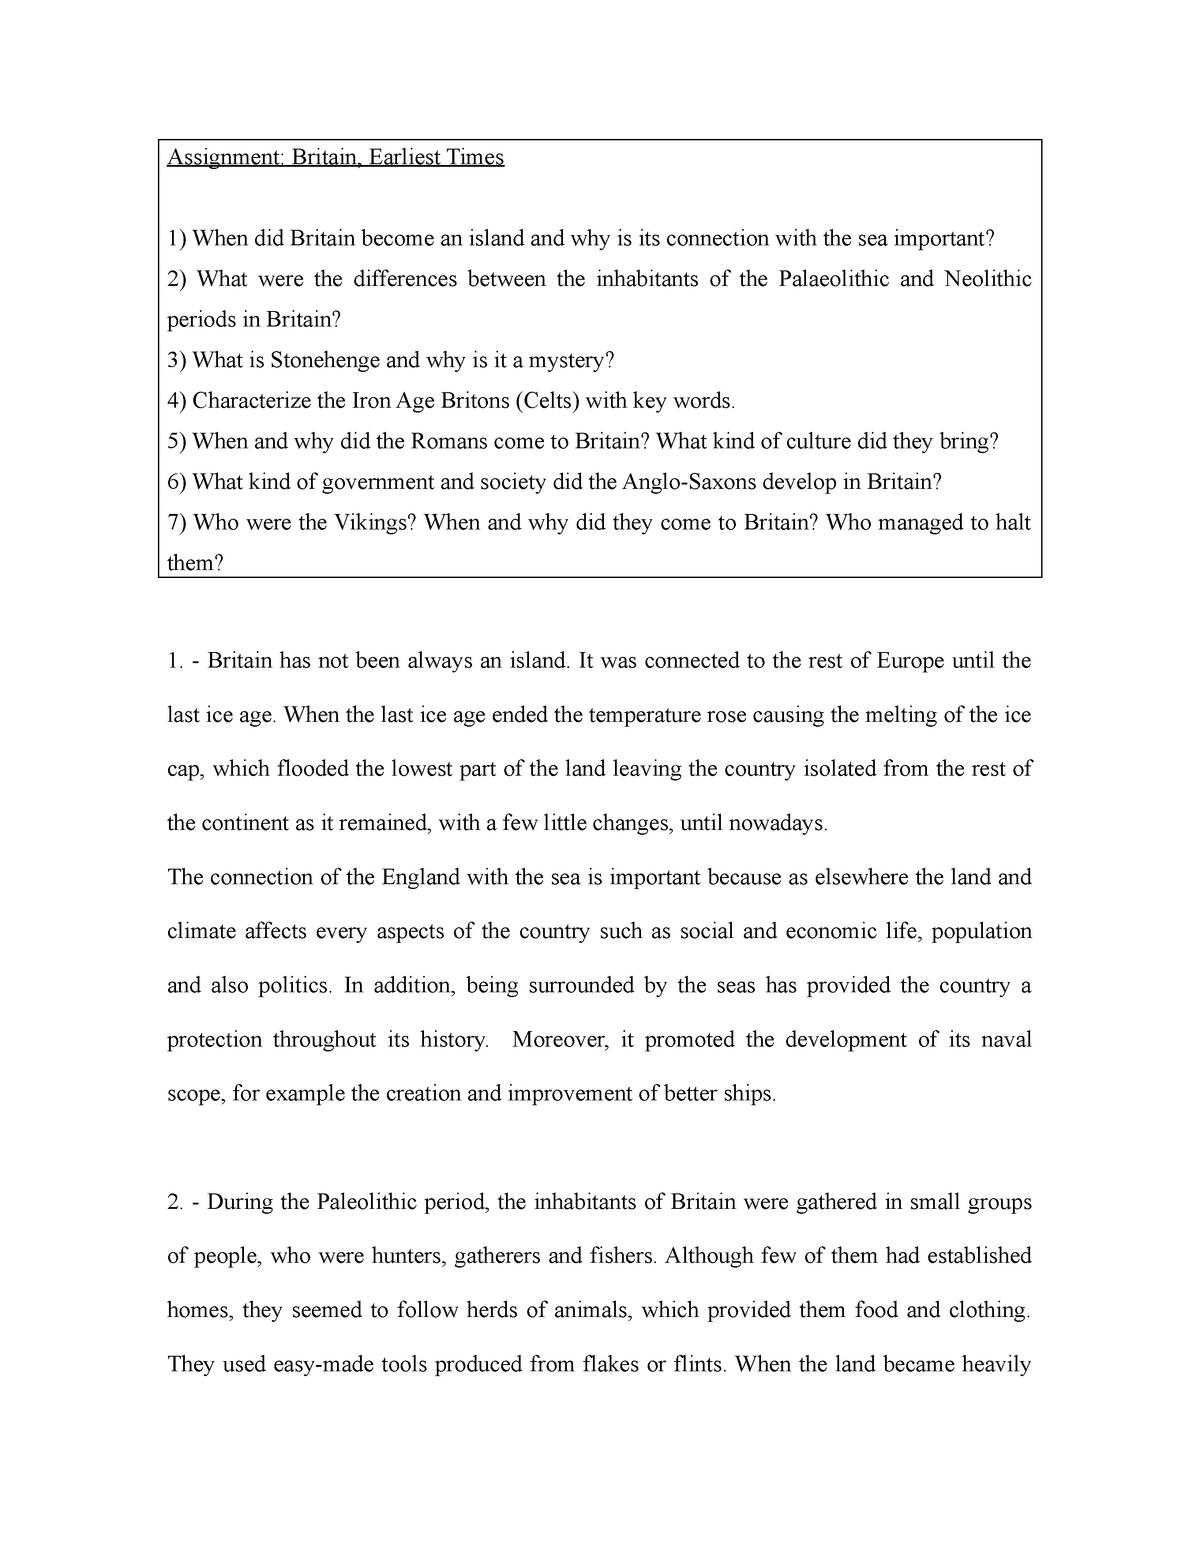 Examen 12 Agosto 2014 Preguntas Y Respuestas Studocu